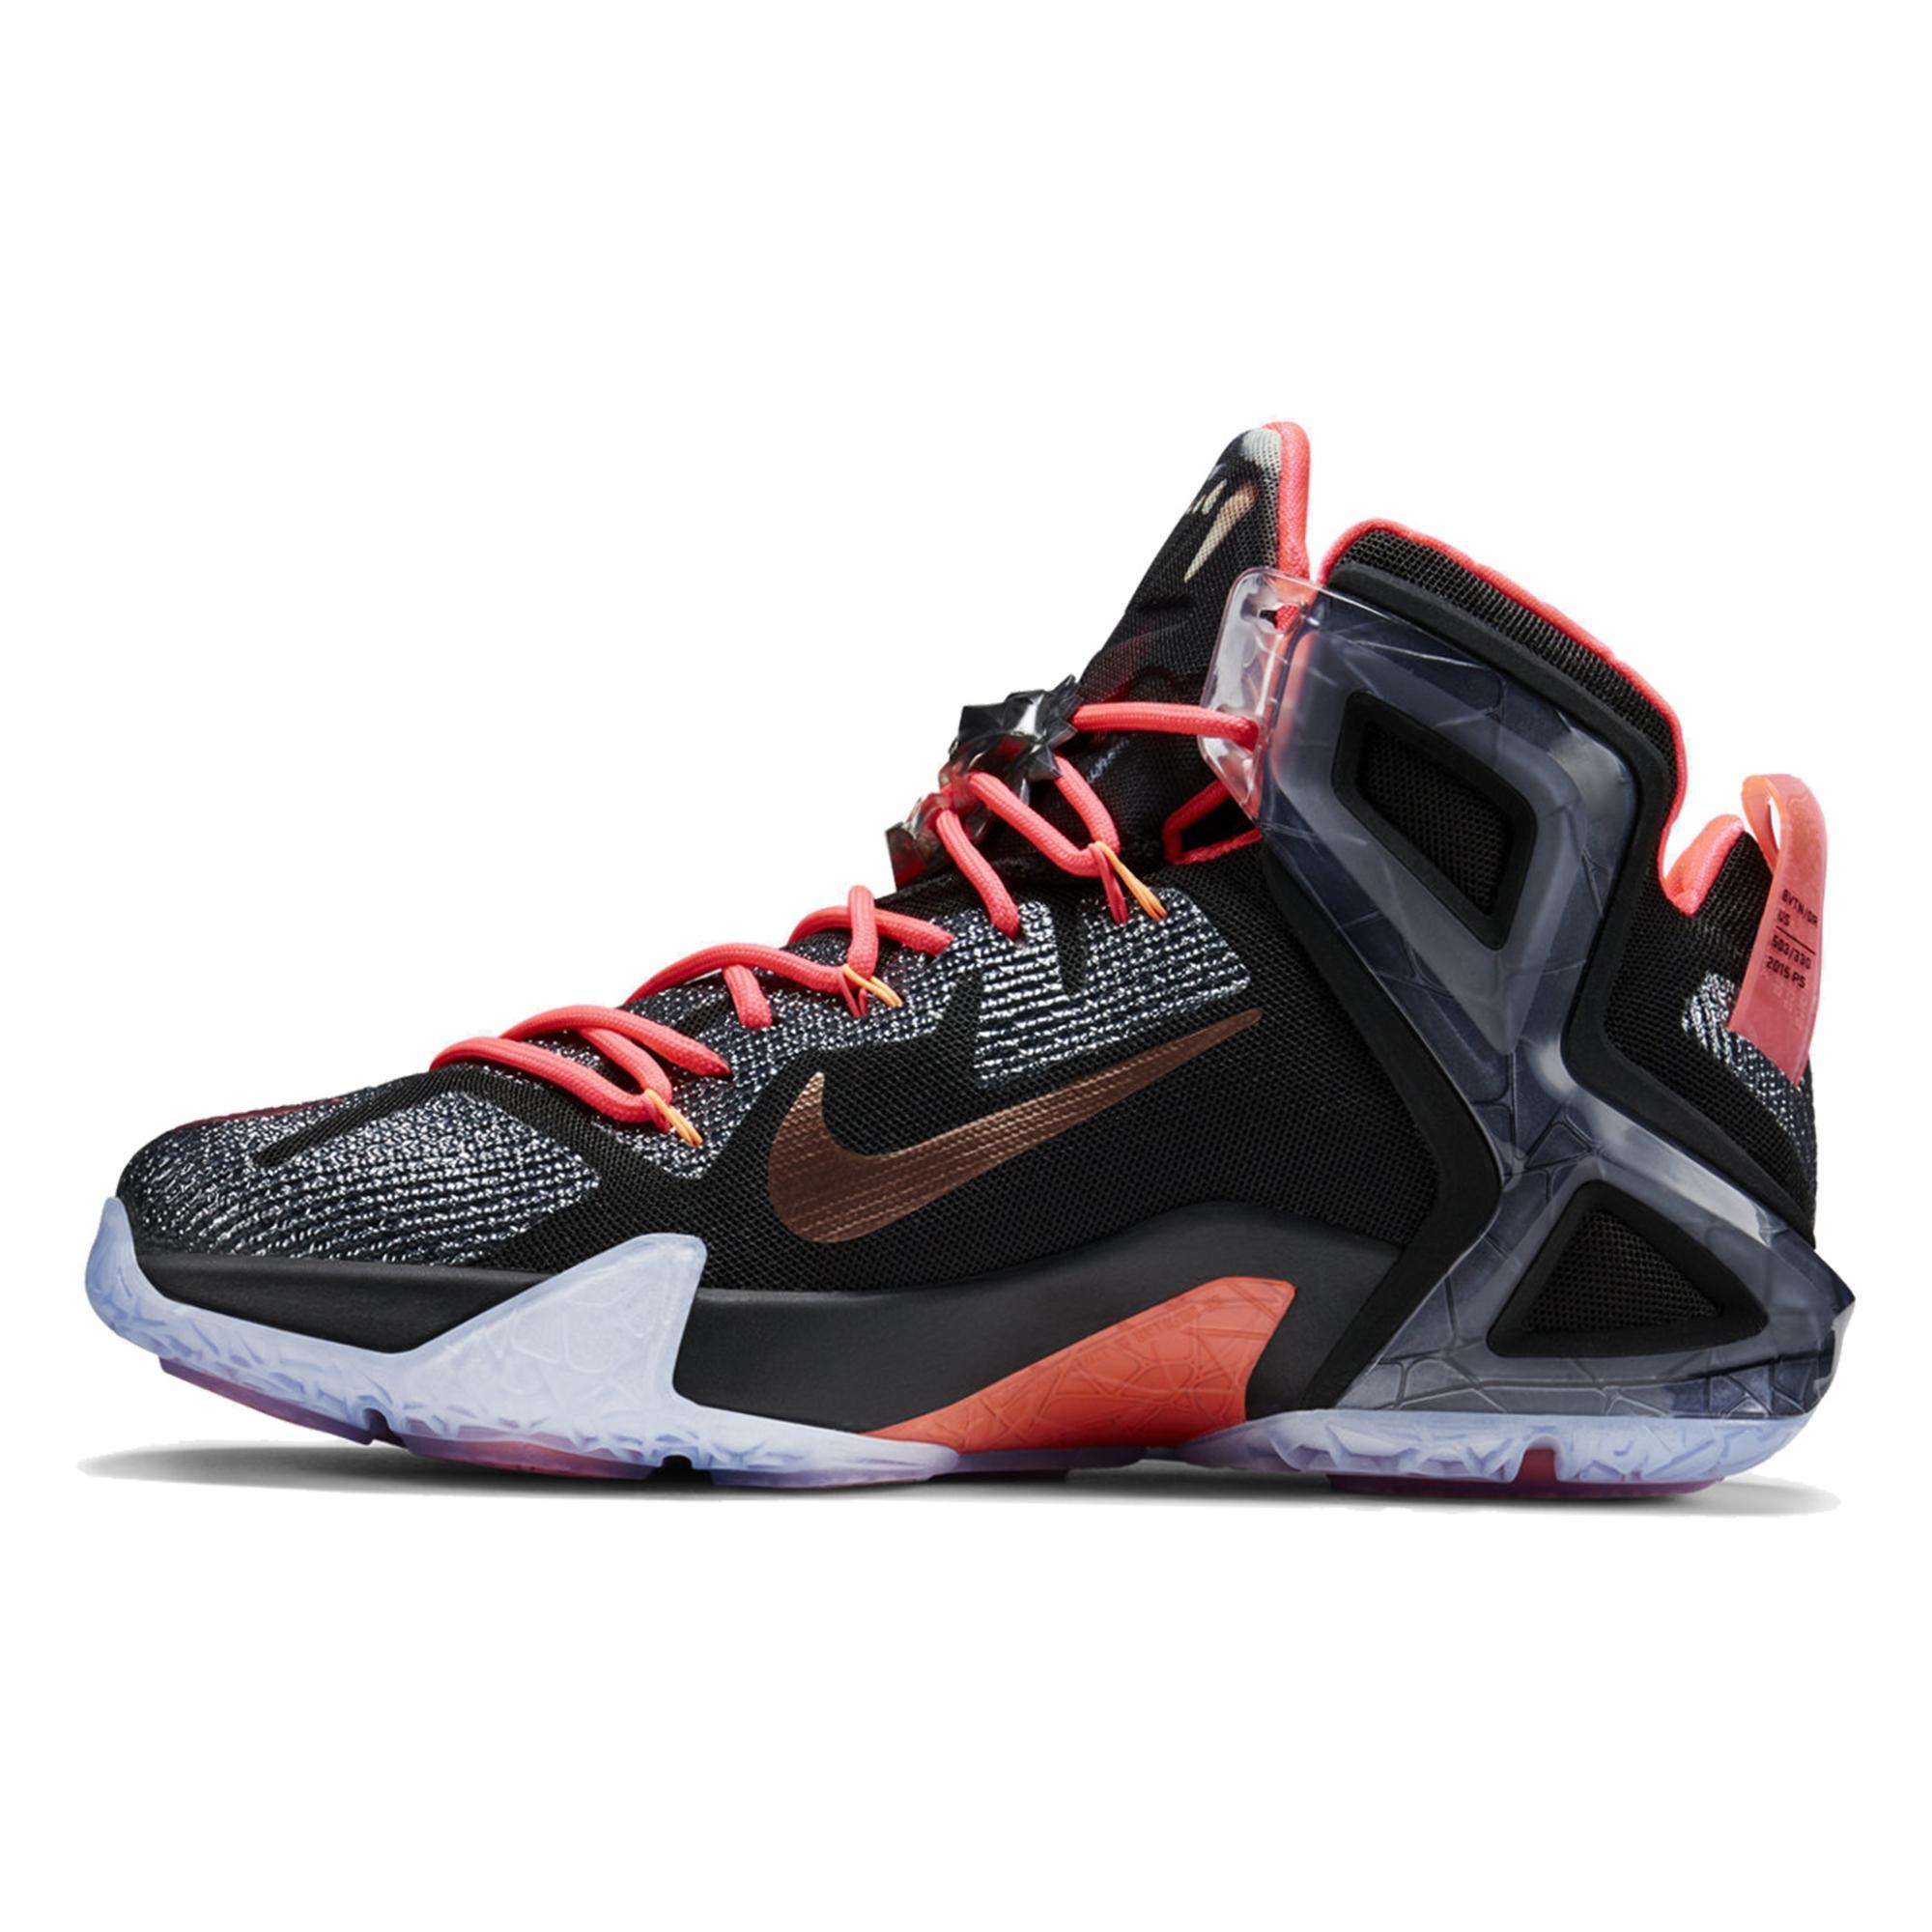 new style c4a91 e00f0 Nike LeBron James XII Elite Erkek Basketbol Ayakkabısı